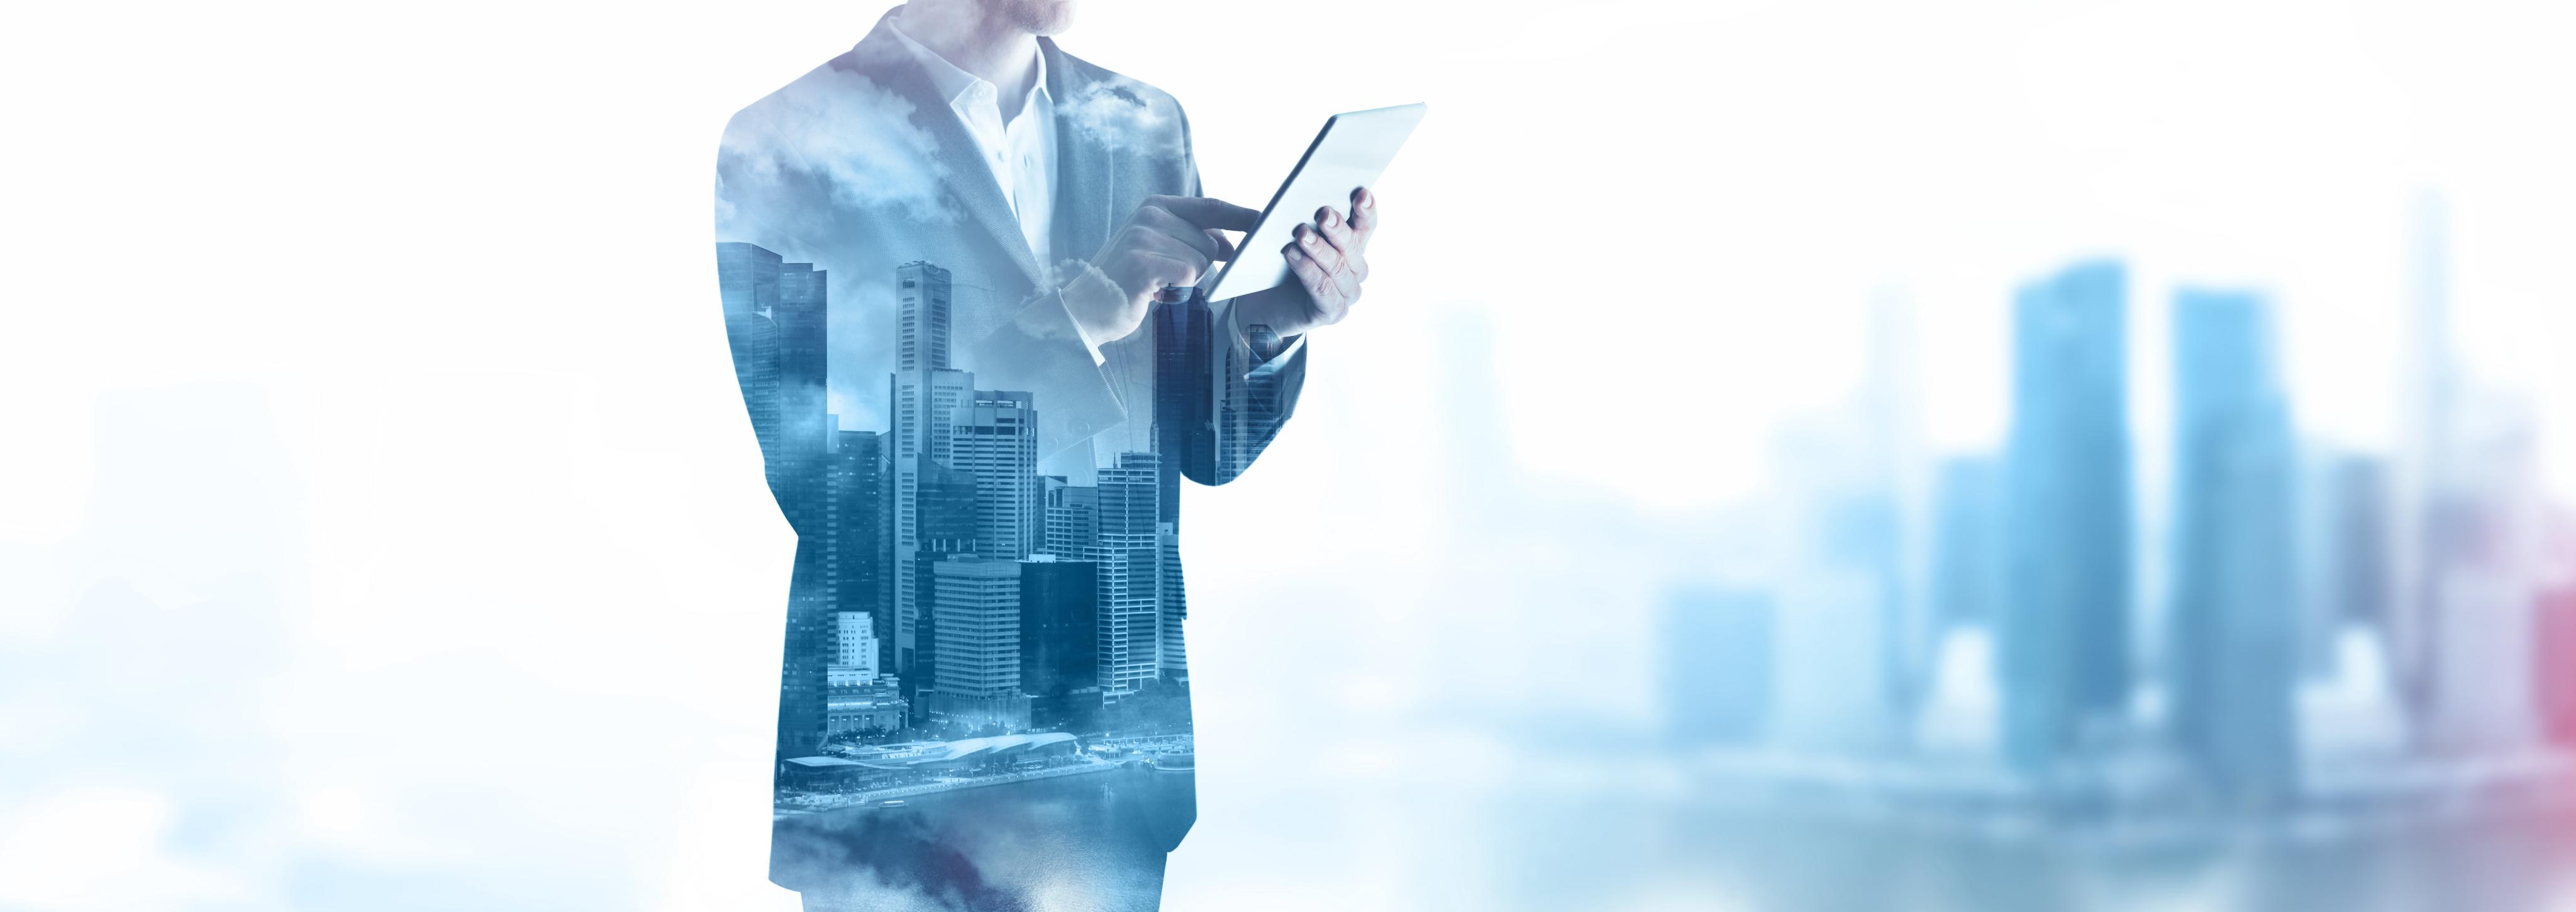 02 servizi outsourcing development slider inobeta